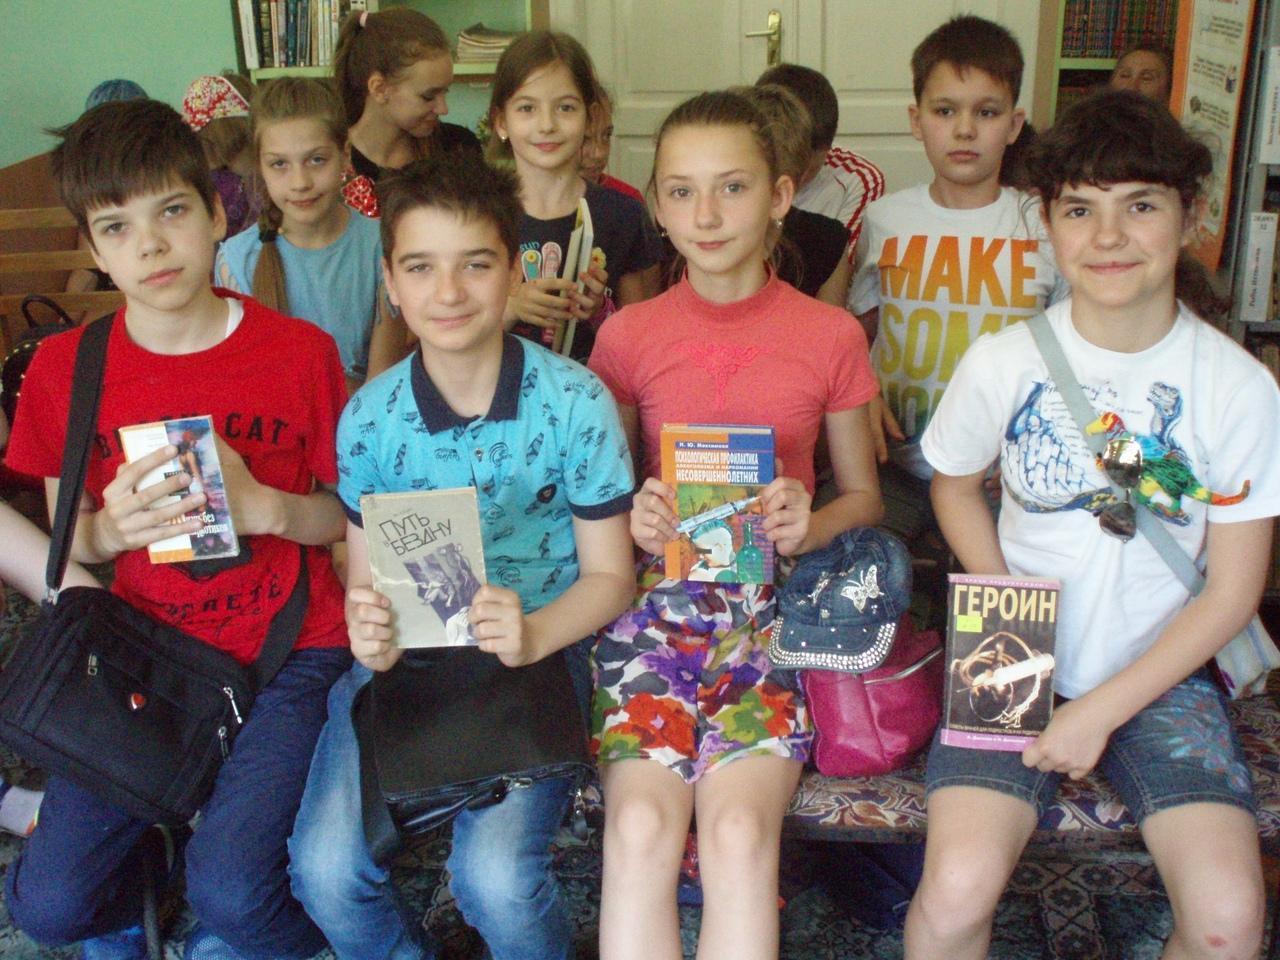 наркотики билет в один конец, донецкая республиканская библиотека для детей, отдел обслуживания учащихся 5-9 классов, летние каникулы с книгой